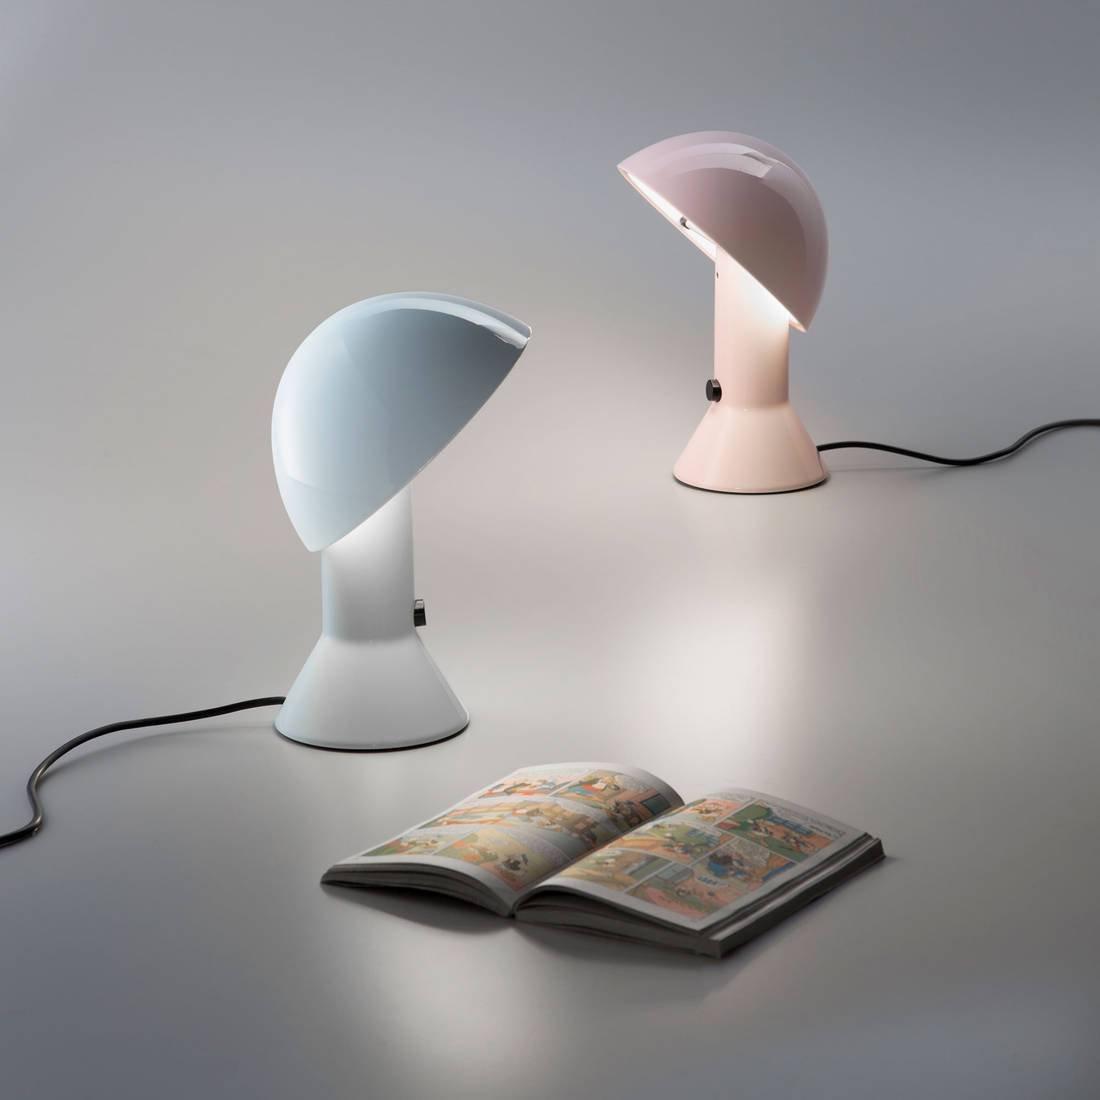 Luce Poser Pastel À Designé Lampe Rose Martinelli H28cm Elmetto dsQrht